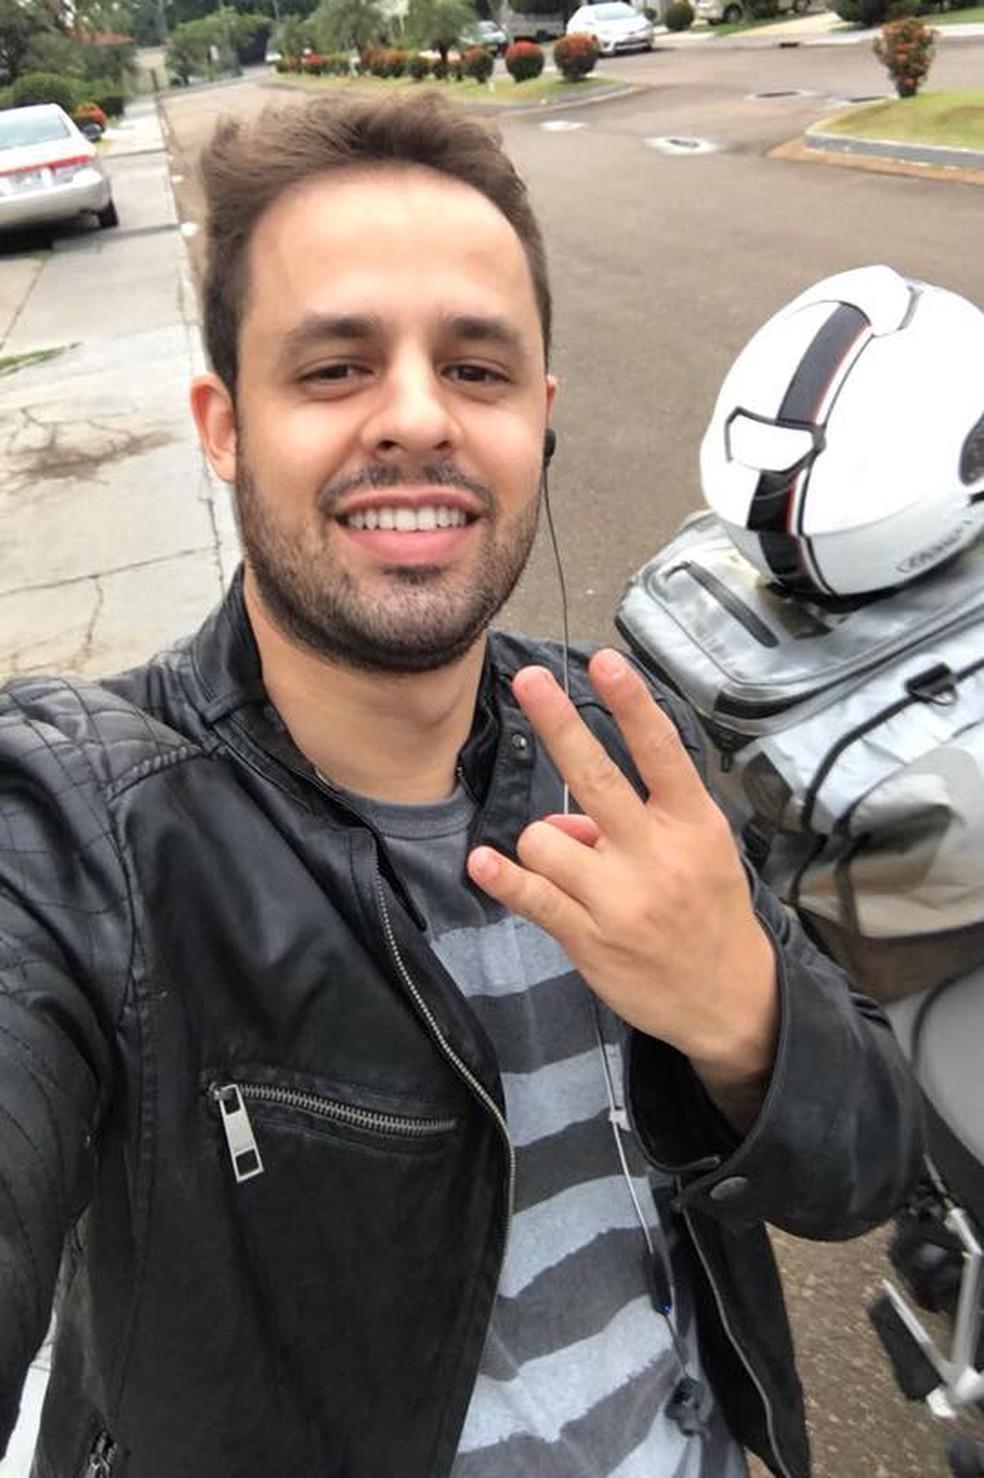 IC Nogueira Cabral morreu ao cair bater no guia de proteção da BR-364 (Foto: Facebook/Reprodução)